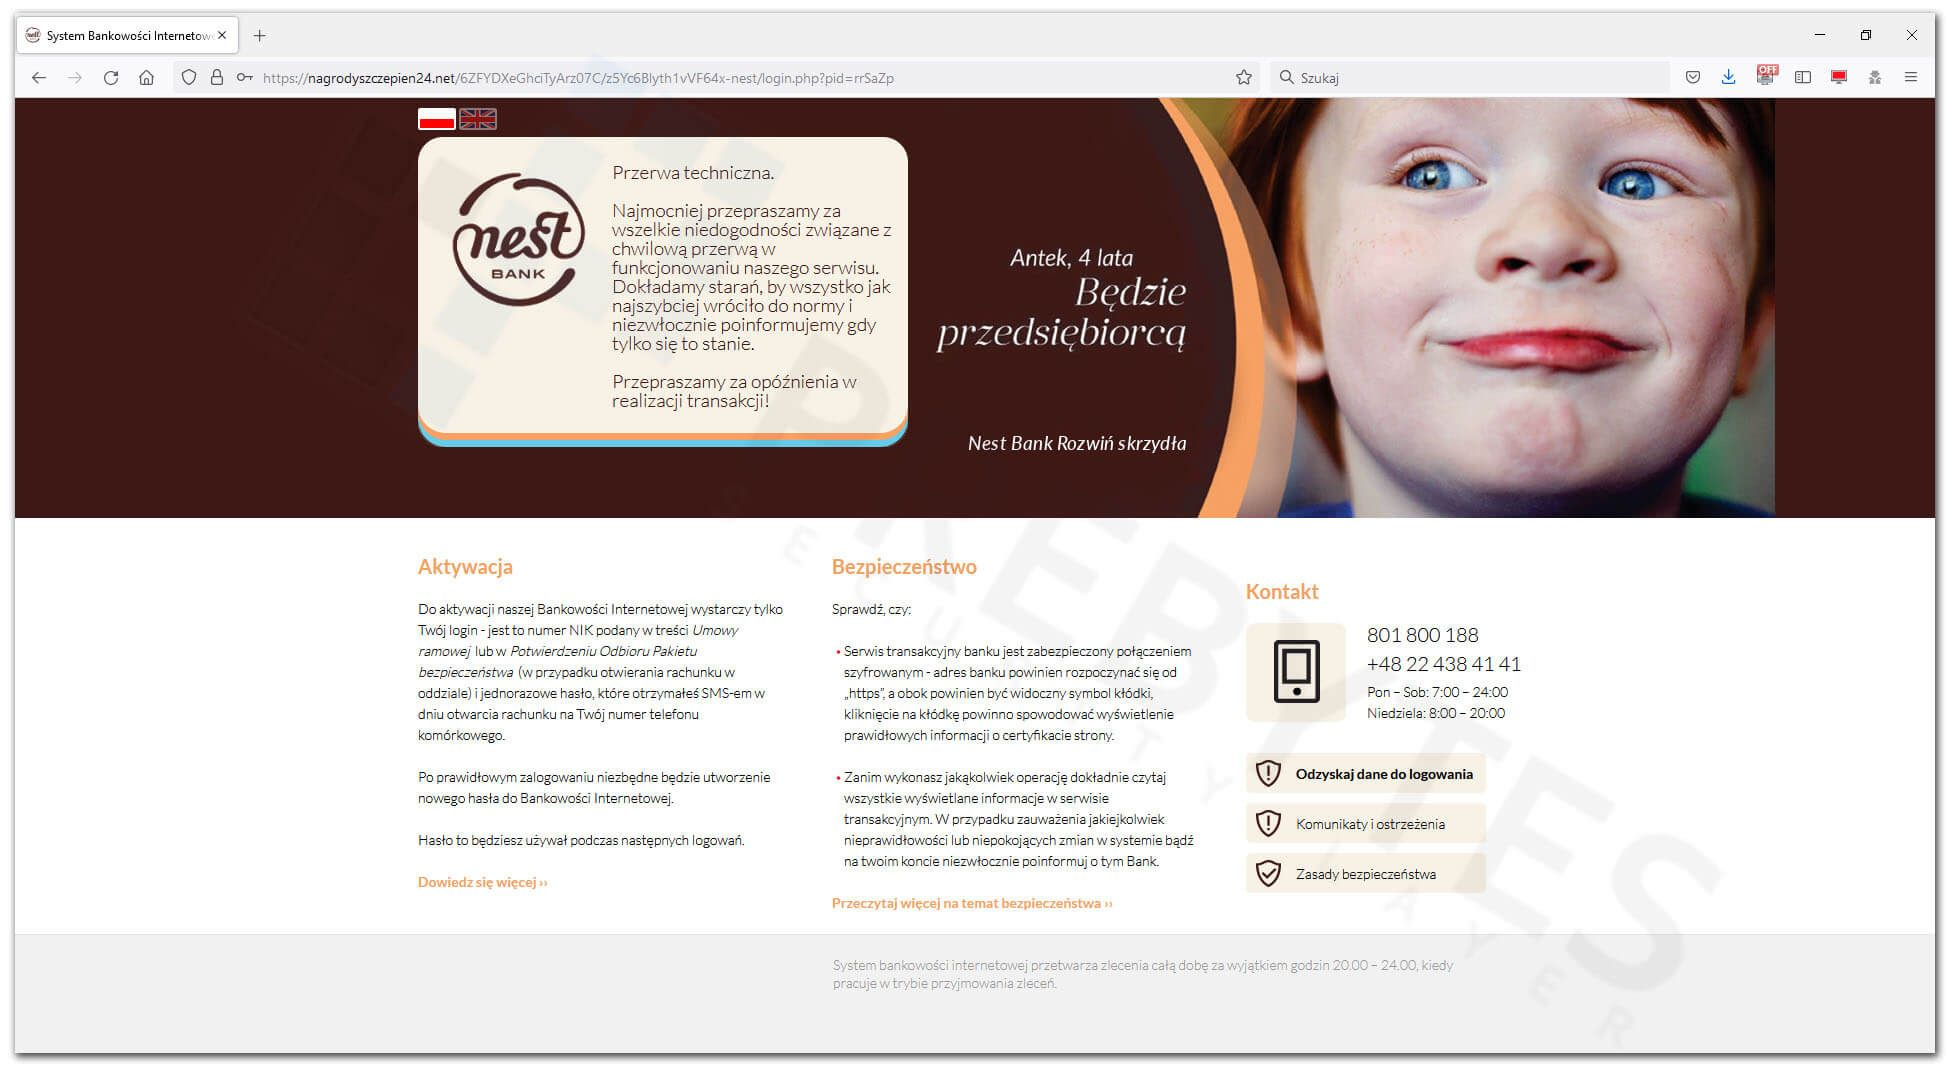 Logowanie do bankowości Nest Bank - informacja o przerwie technicznej